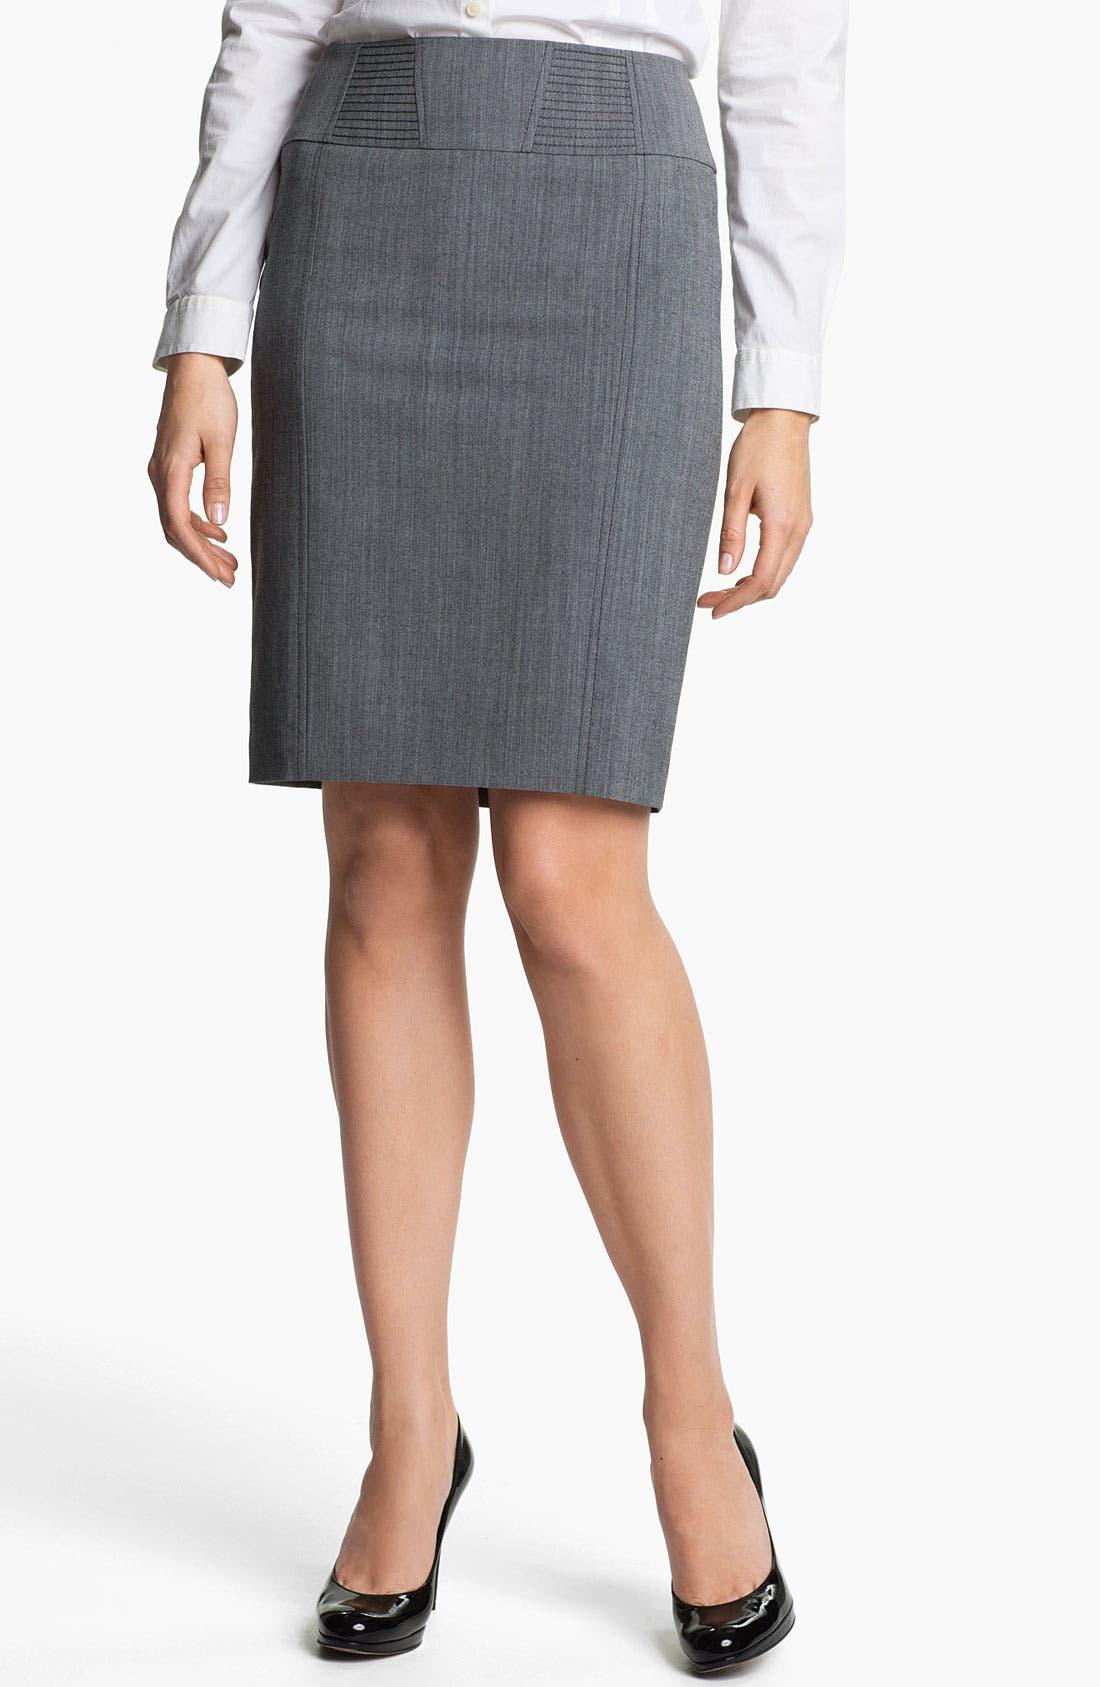 Alternate Image 1 Selected - Halogen® Cross Dye Pencil Skirt